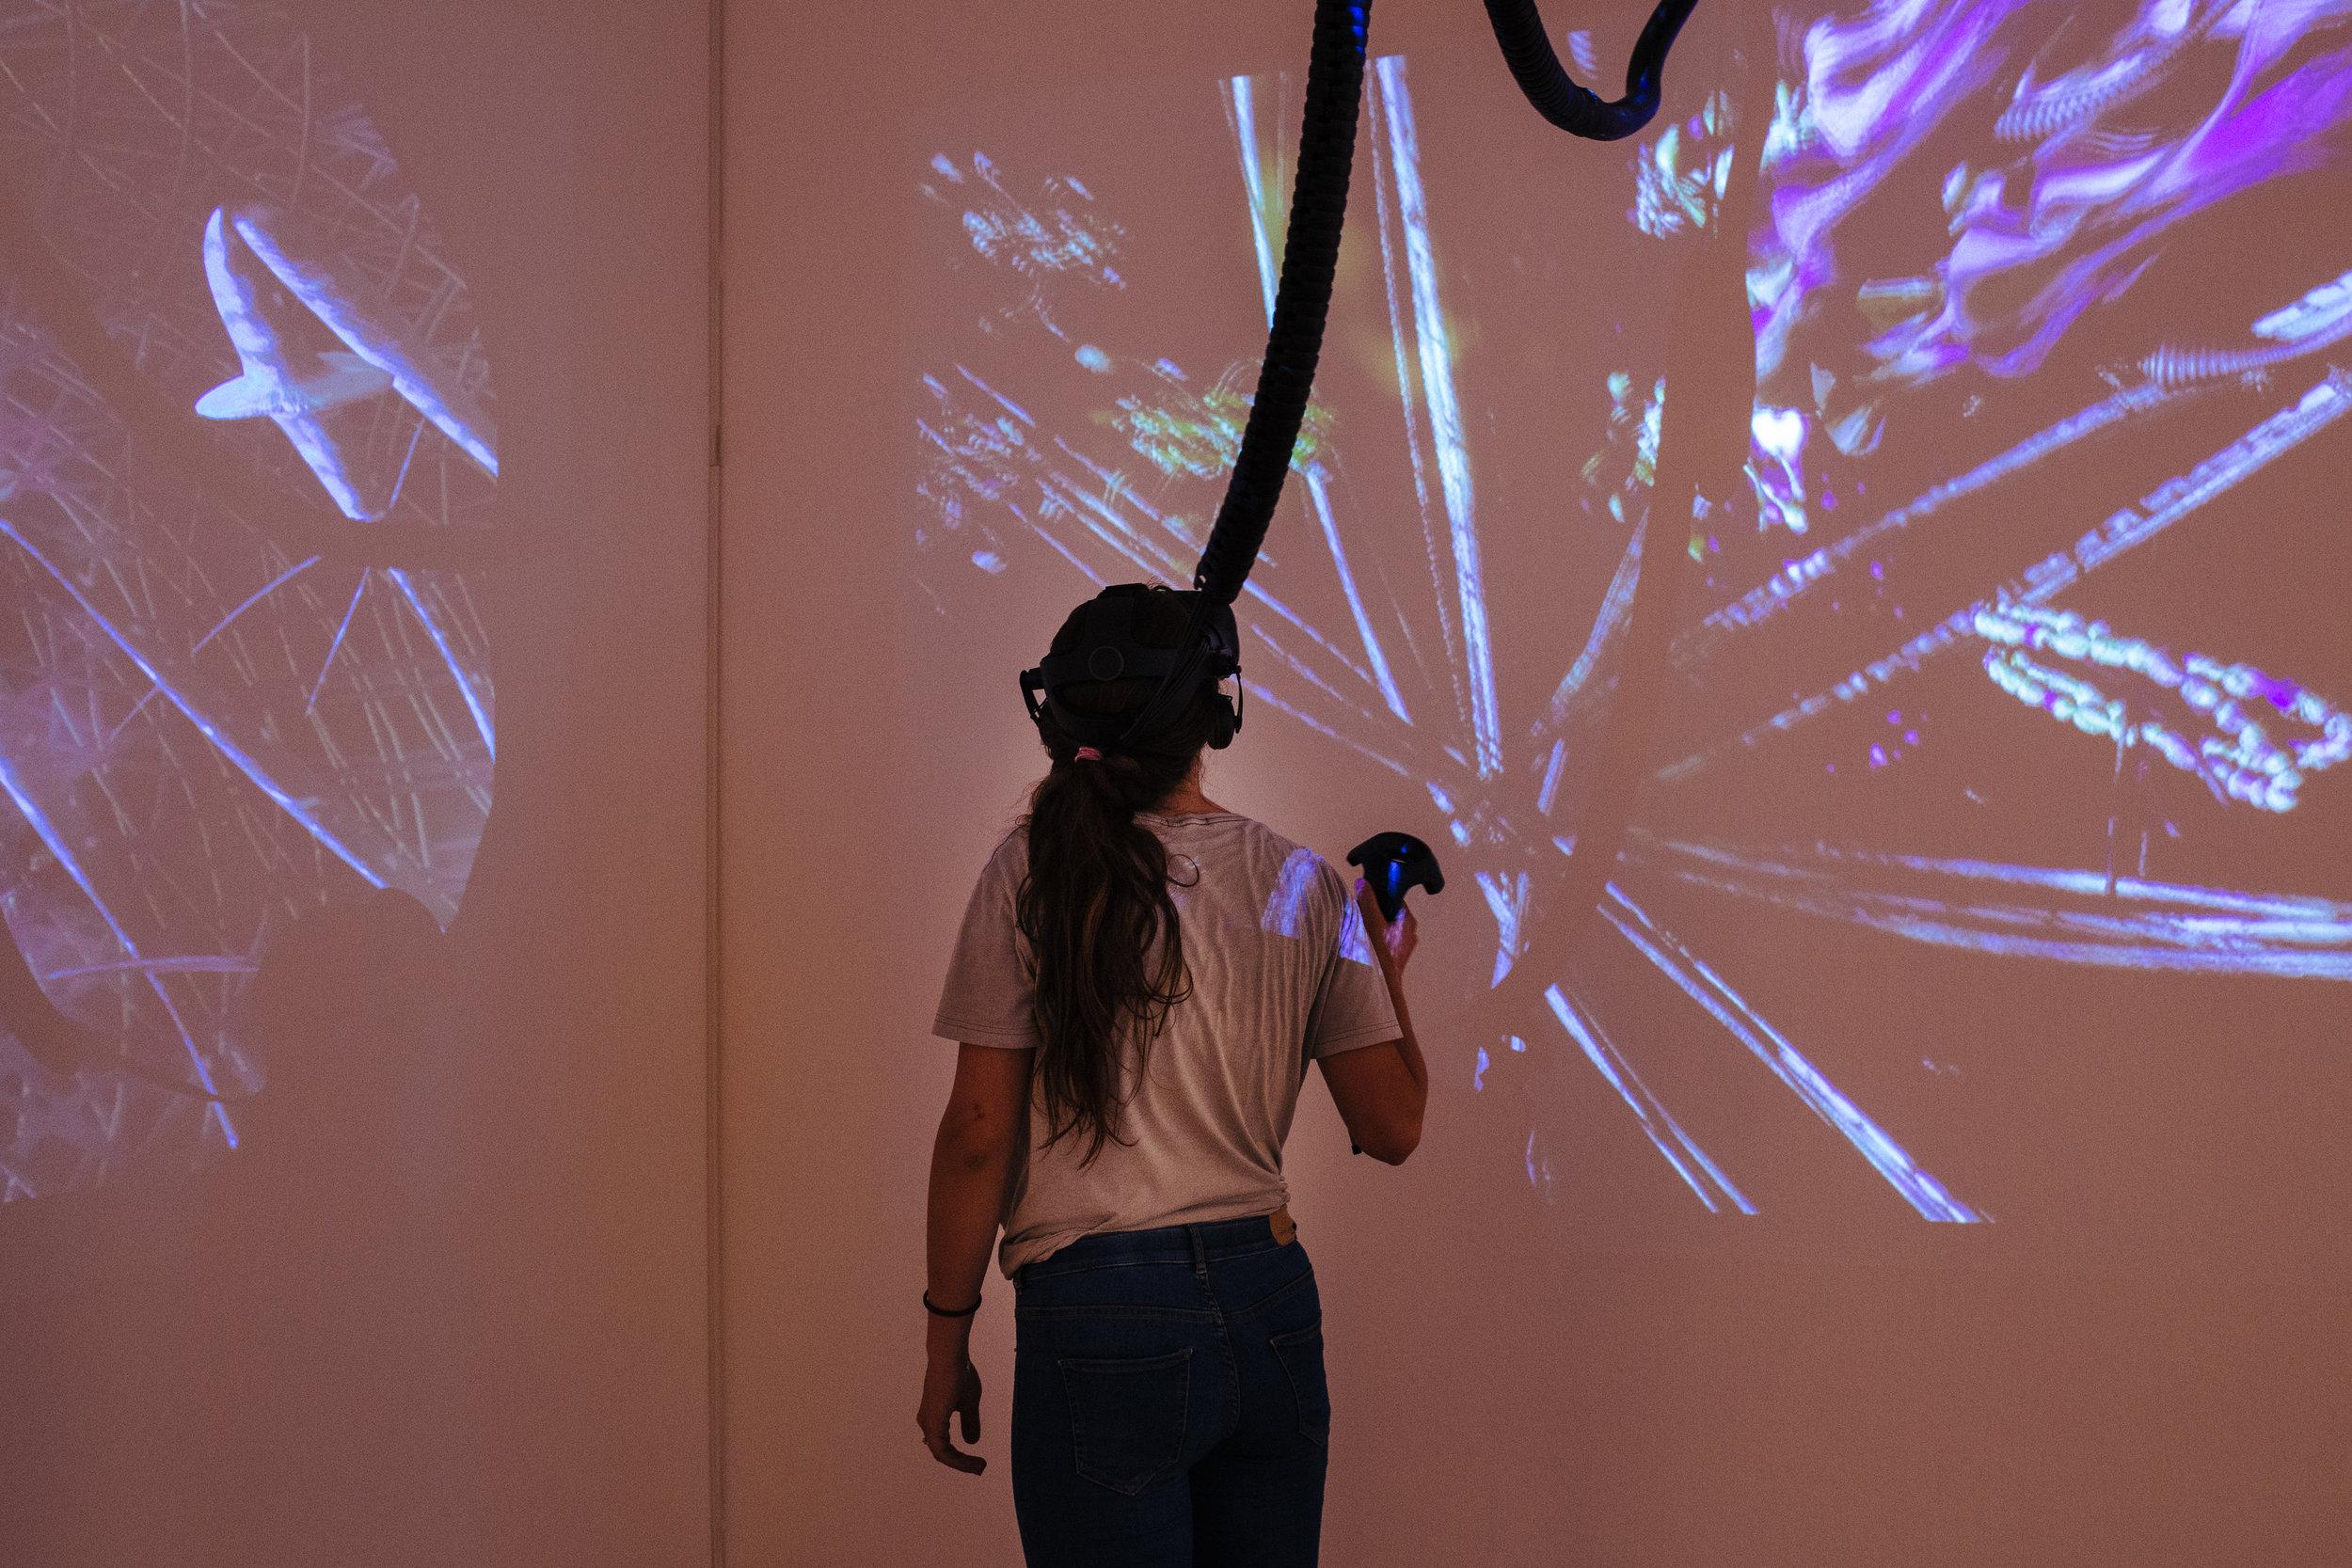 Exhibition view: PENDORAN VINCI, installation by William Latham, photo © NRW-Forum Düsseldorf / Bozica Babic